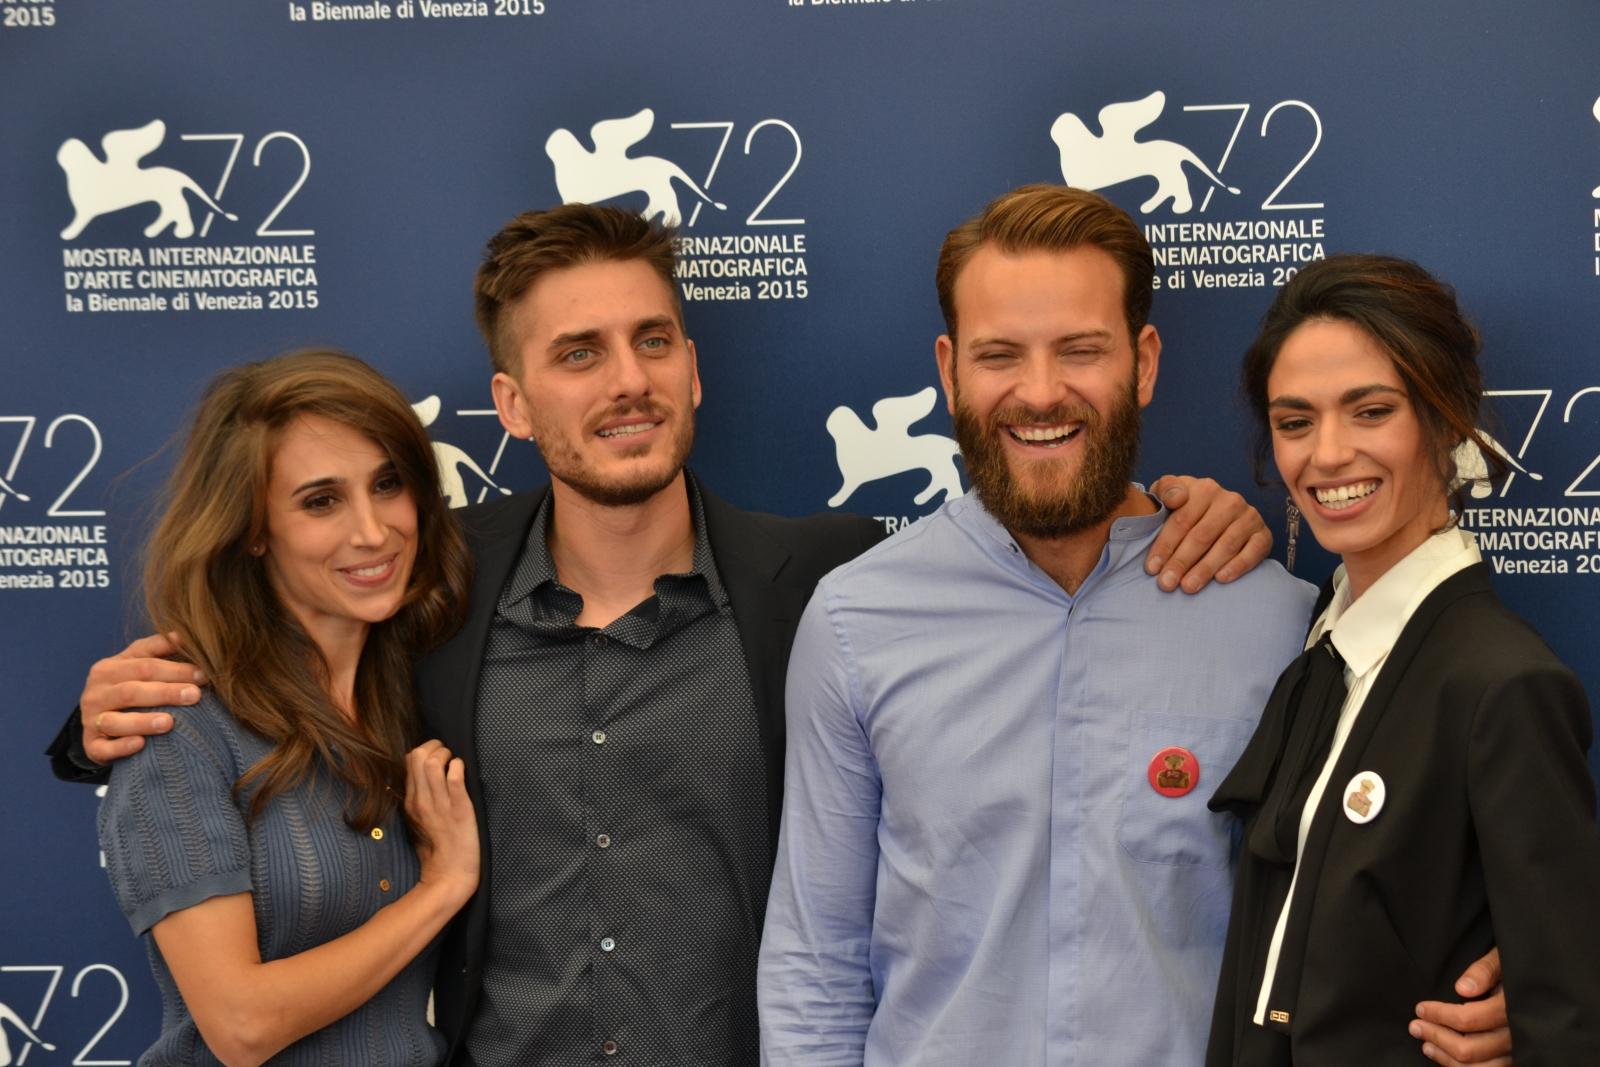 venezia 2015: Luca Marinelli, Alessandro Borghi, Silvia D'Amico, Roberta Mattei posano sorridenti al photocall di Non essere cattivo